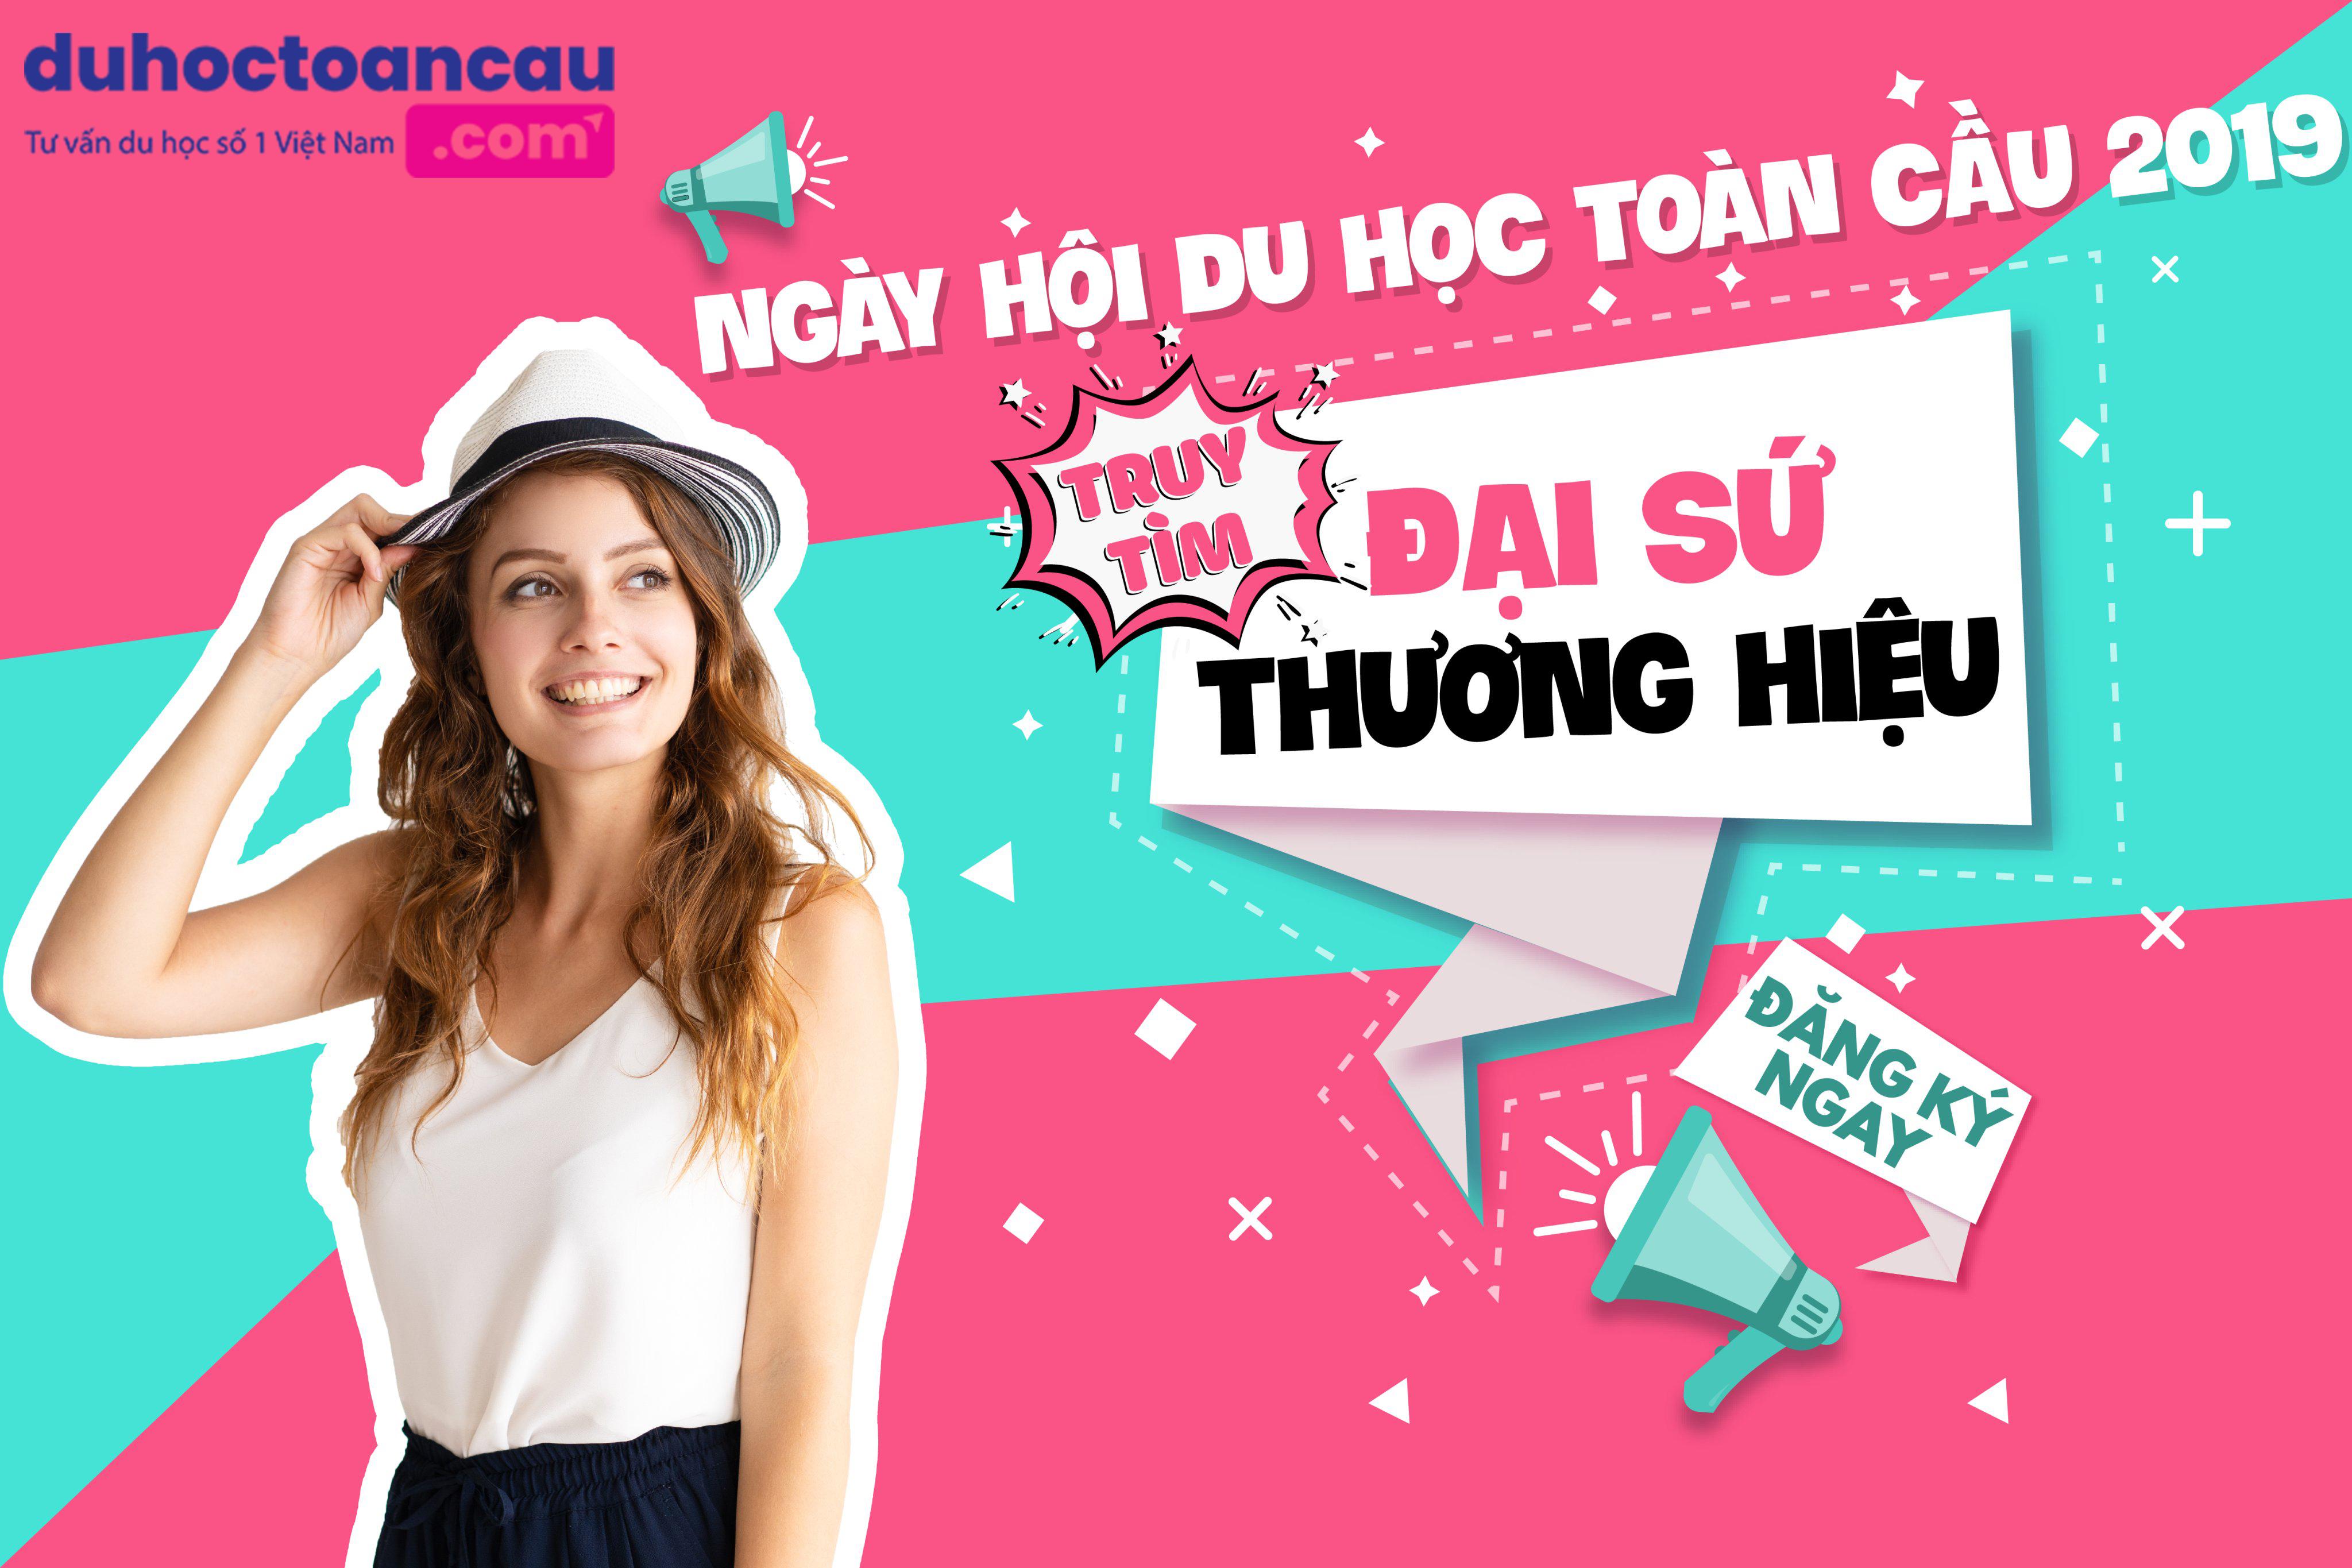 tuyen dai su thuong hieu du hoc toan cau